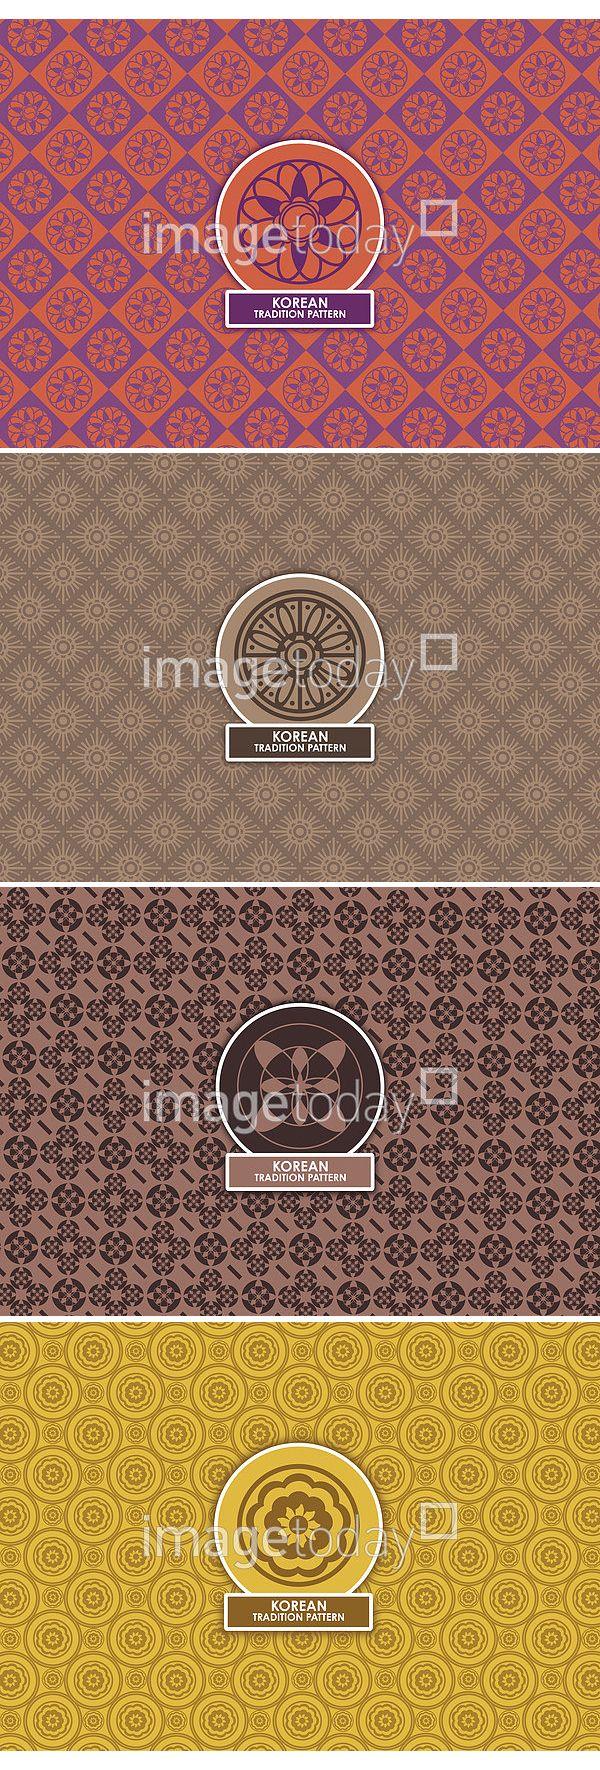 이미지투데이 패턴 디자인 패턴디자인 반복 도형 전통 전통무늬 무늬 추상 특이 한국 고풍 ai 통로이미지 tongroimages imagetoday pattern design patterndesign traditional abstraction korea korean classic